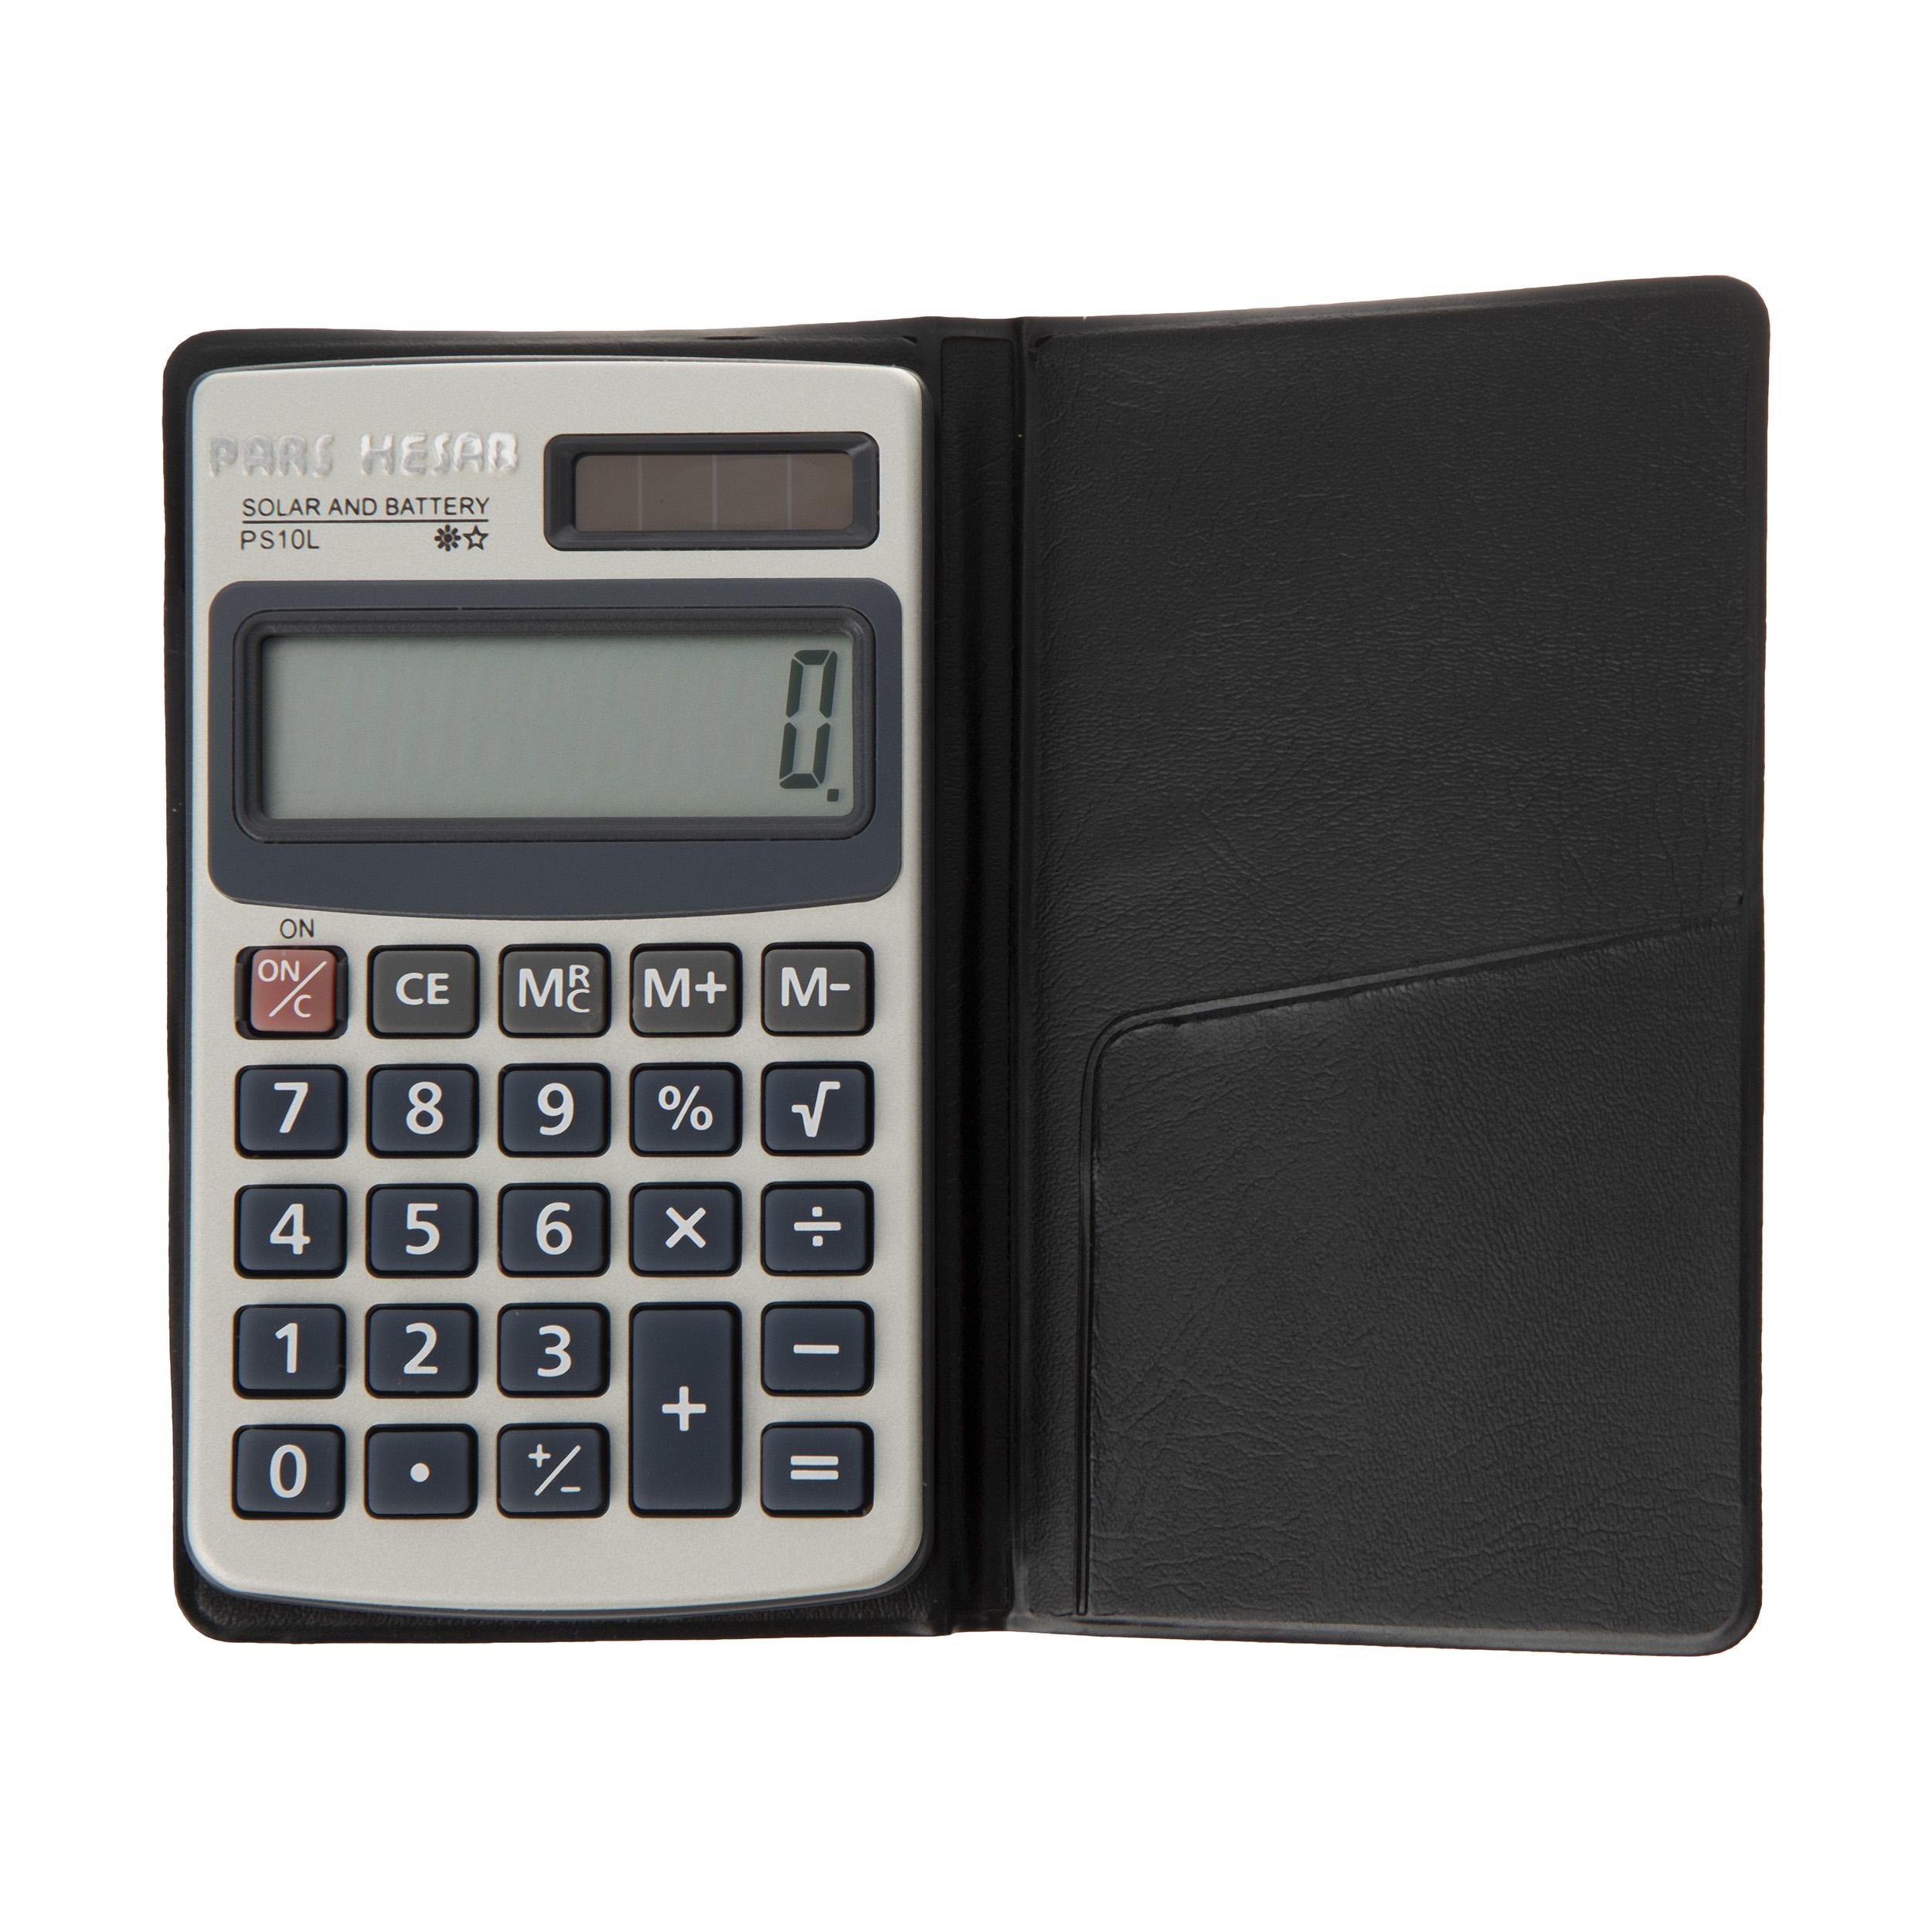 ماشین حساب پارس حساب مدل PS-10L